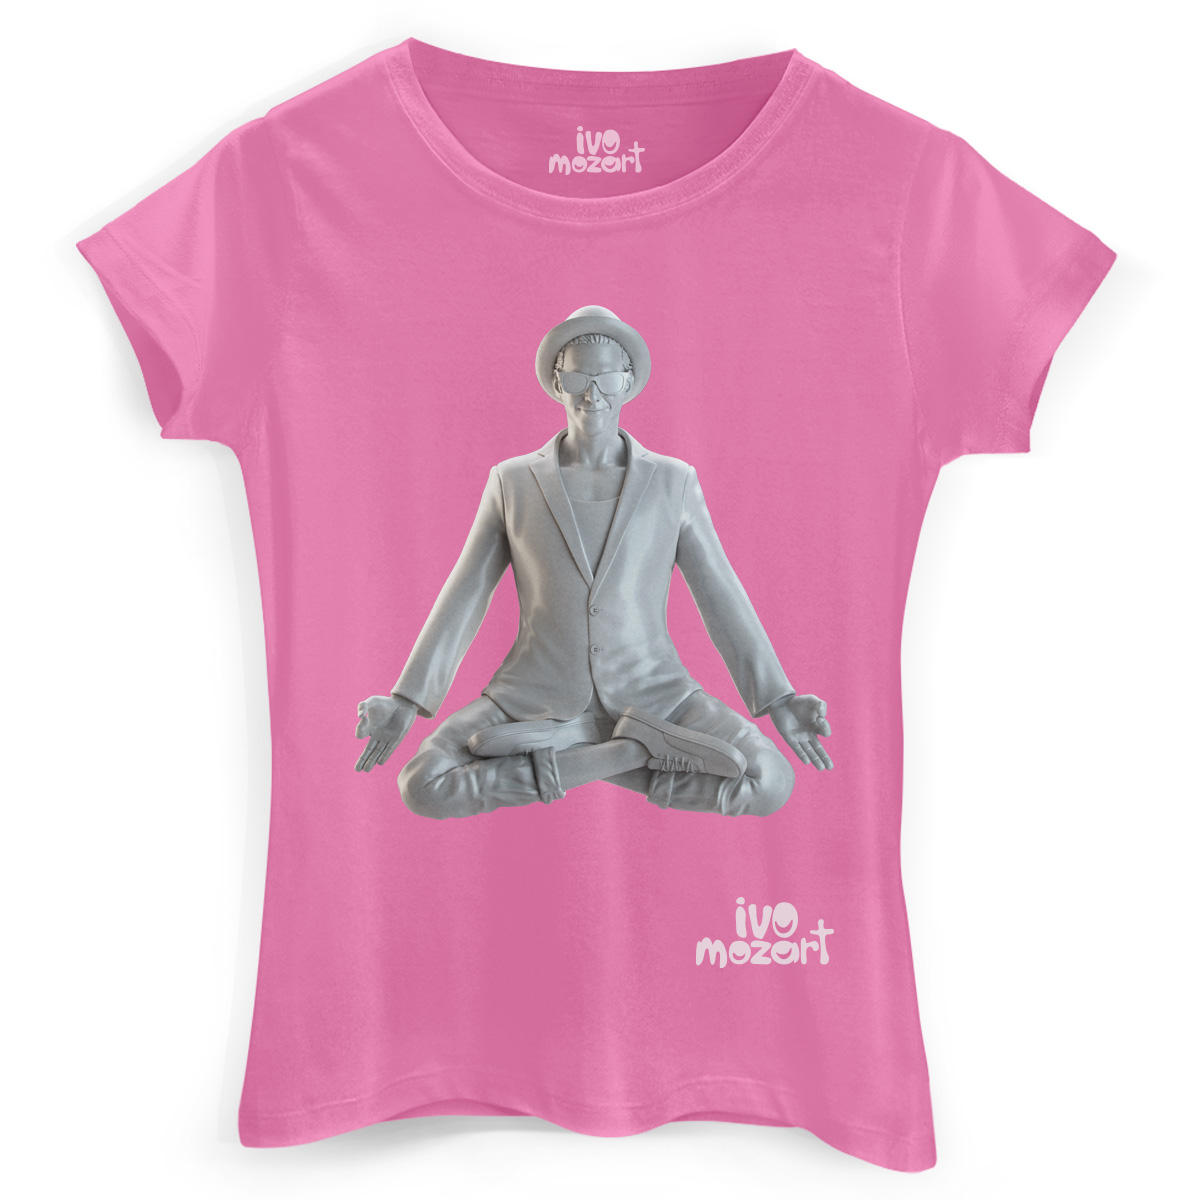 Camiseta Feminina Ivo Mozart 29 Numa Boa